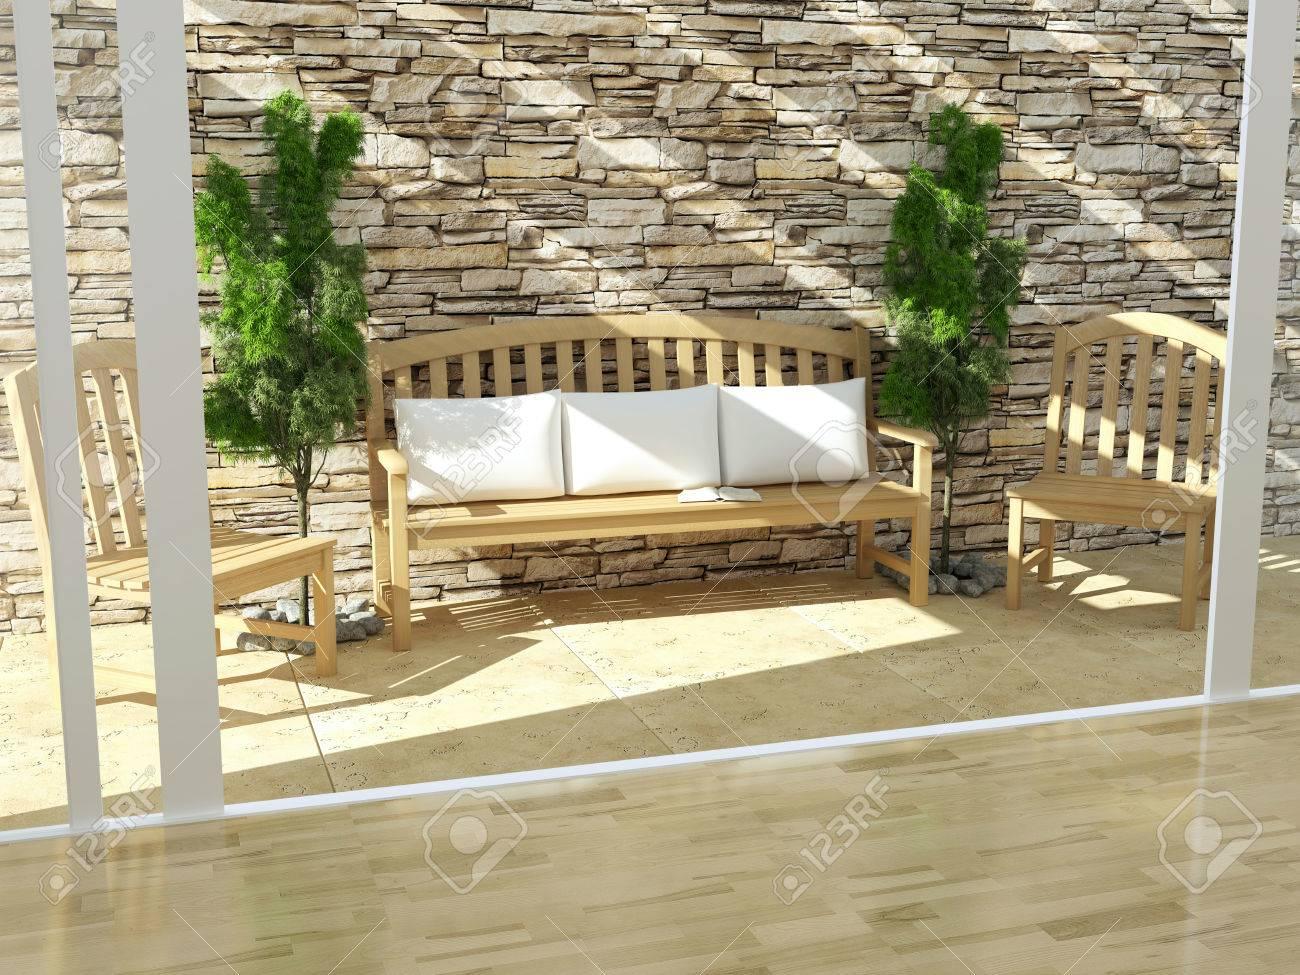 Terraza Hermosa Con Muebles De Madera Y Pared De Piedra Diseño Exterior